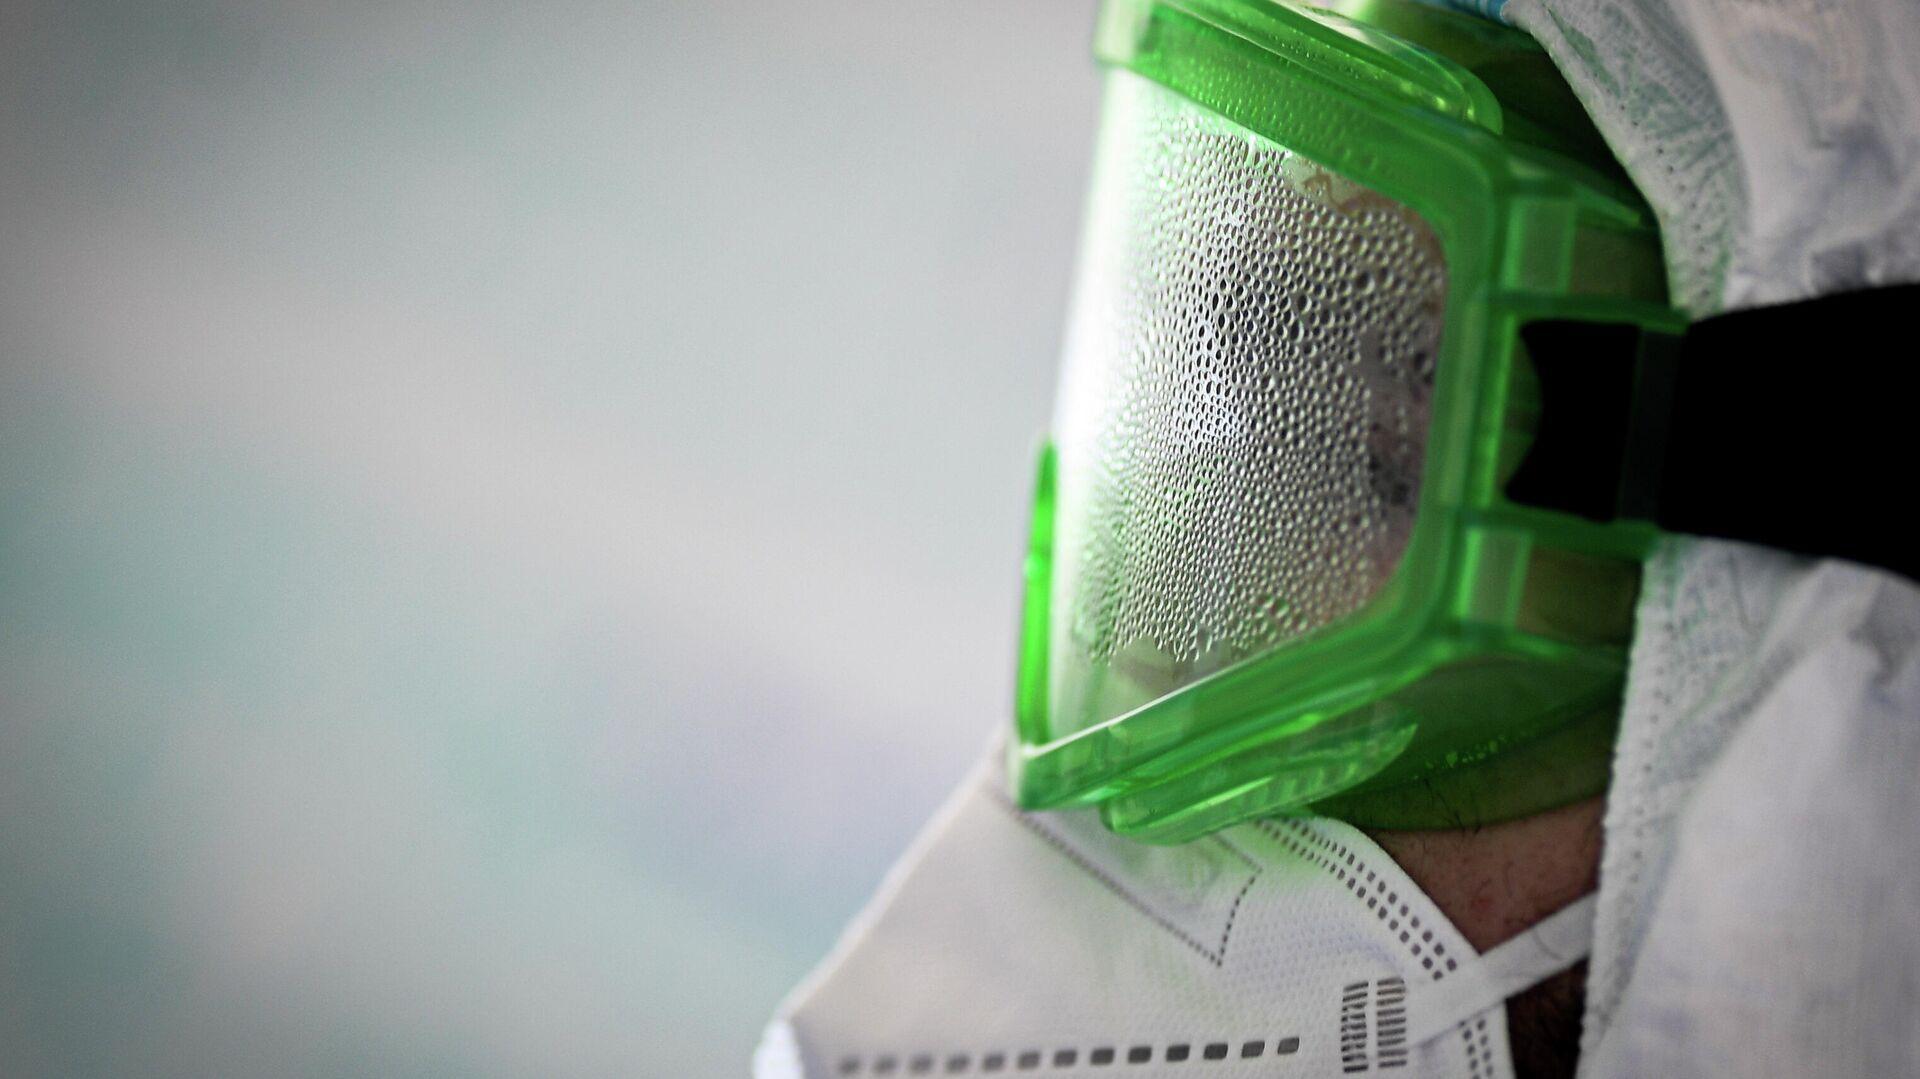 Врач в запотевших защитных очках во время работы в госпитале COVID-19 в ЦИТО им. Н. Н. Приорова - РИА Новости, 1920, 29.11.2020